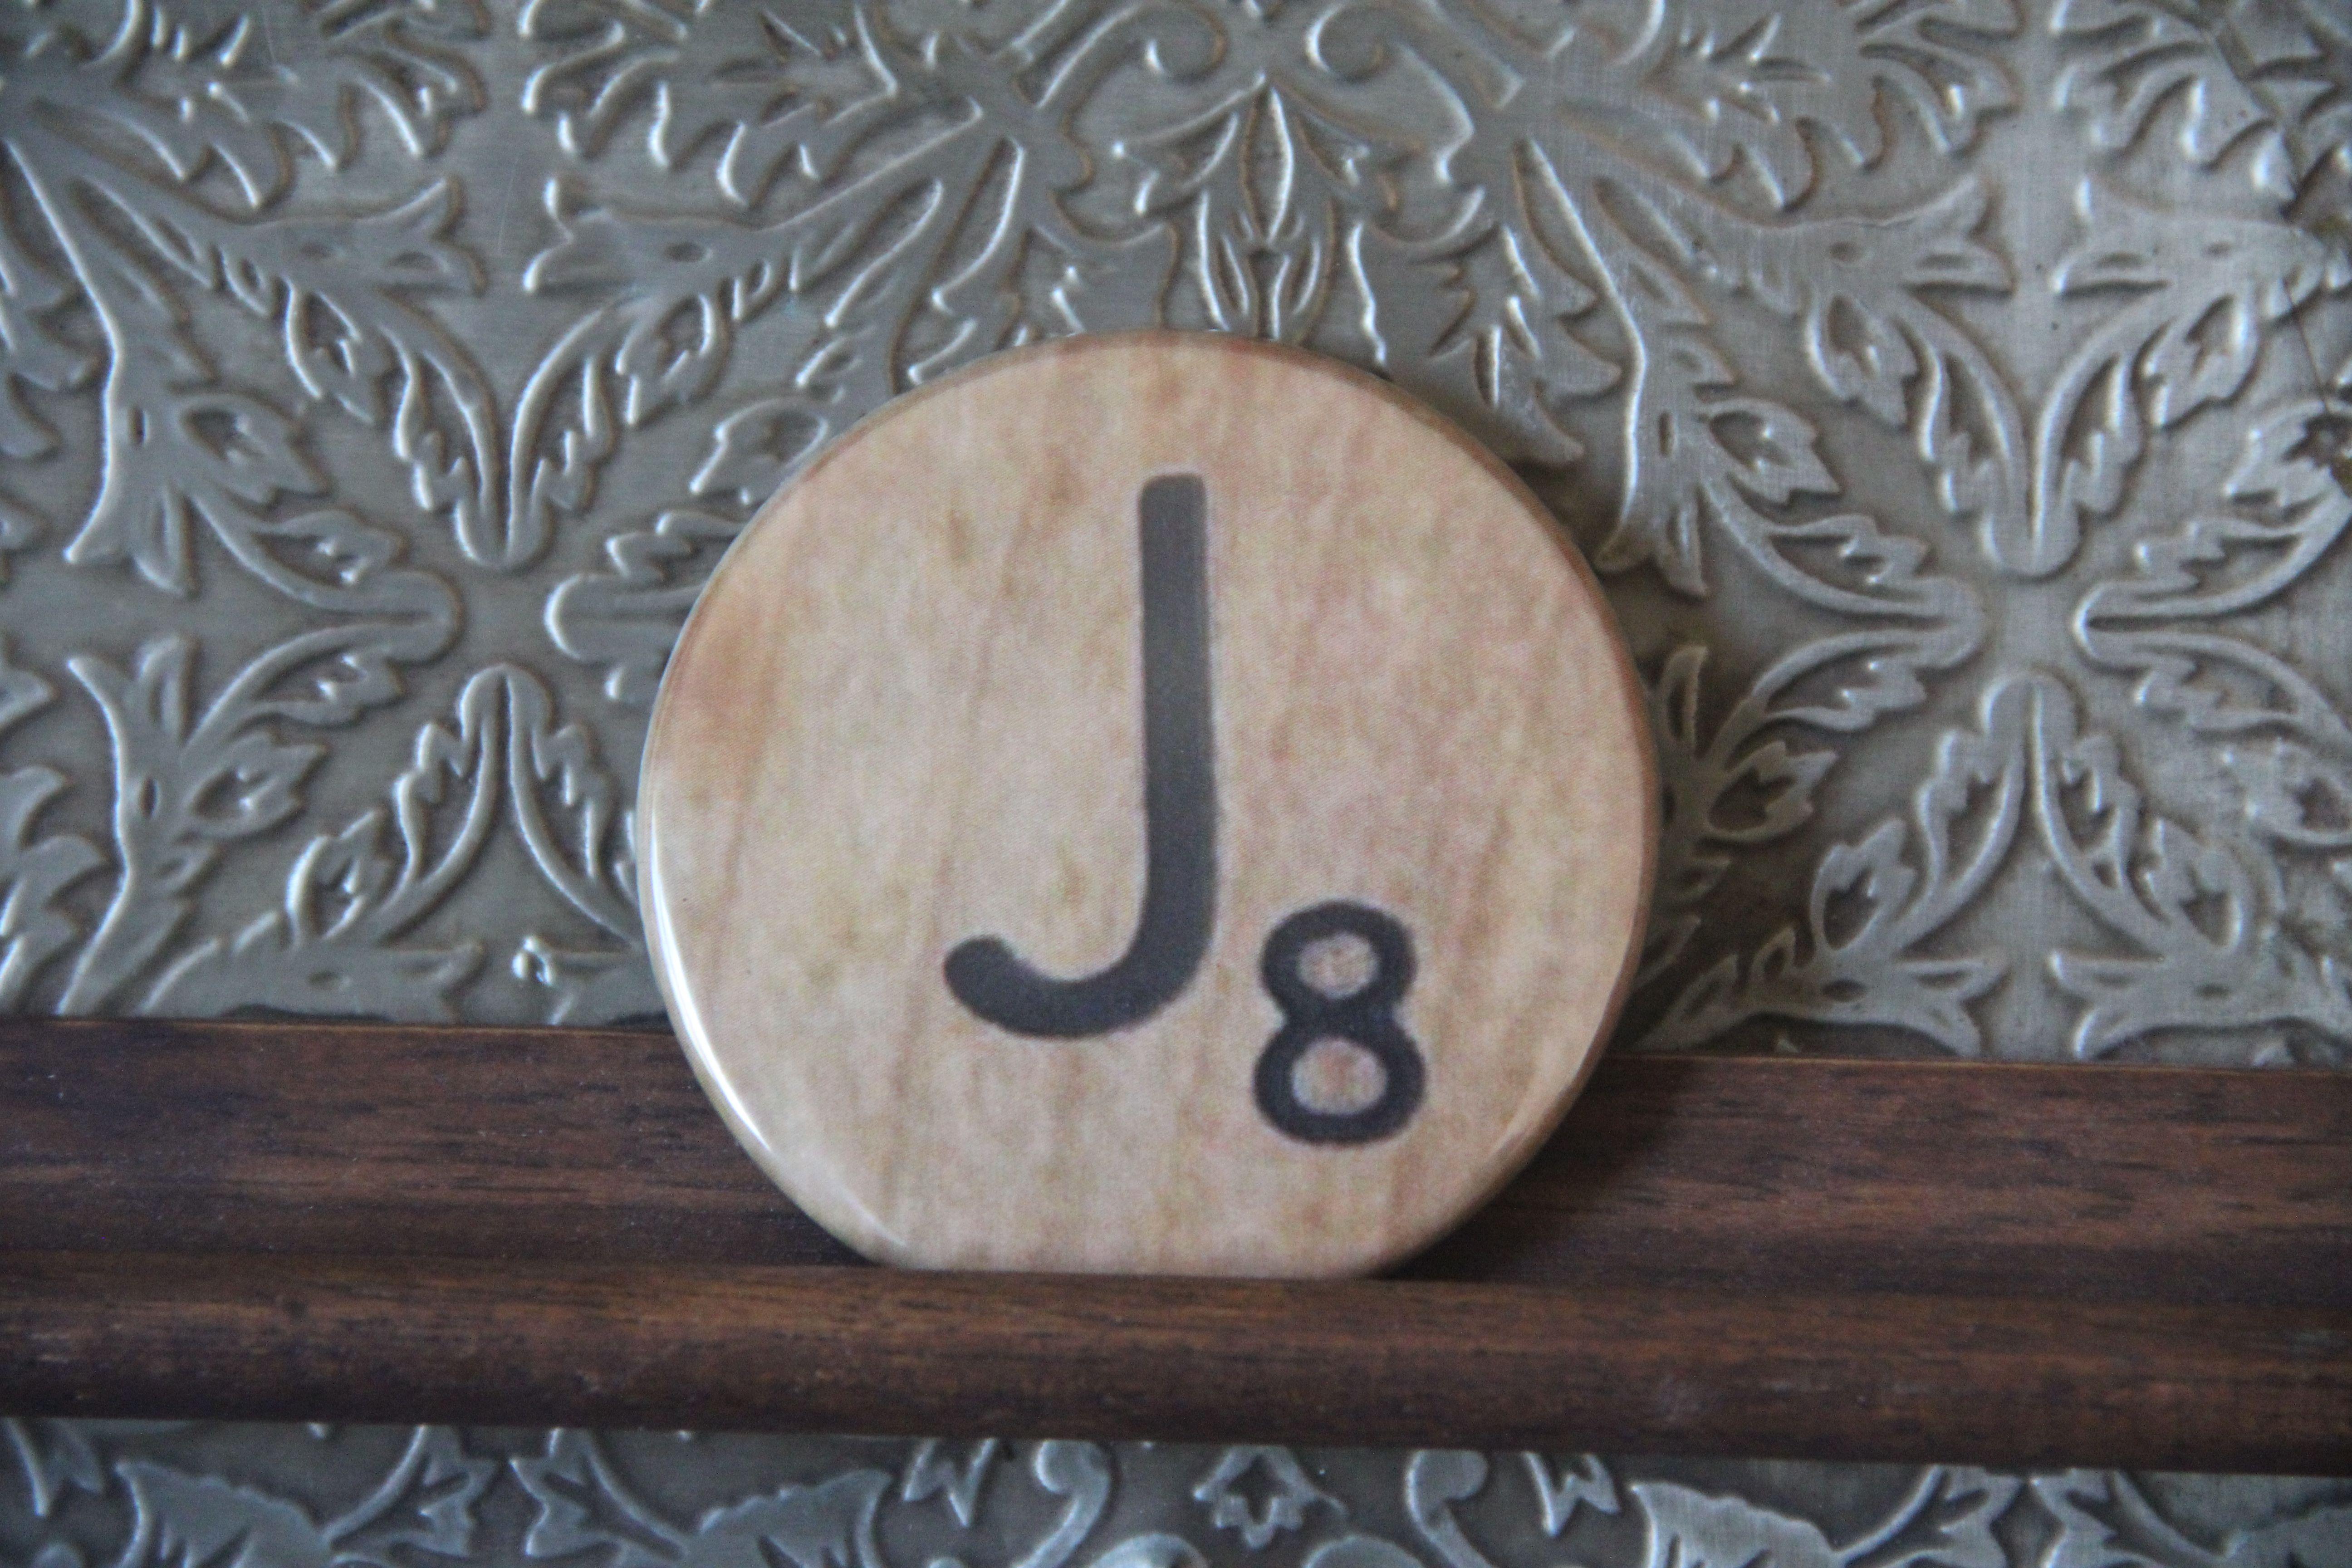 Scrabble Letter J Complete Alphabet Available